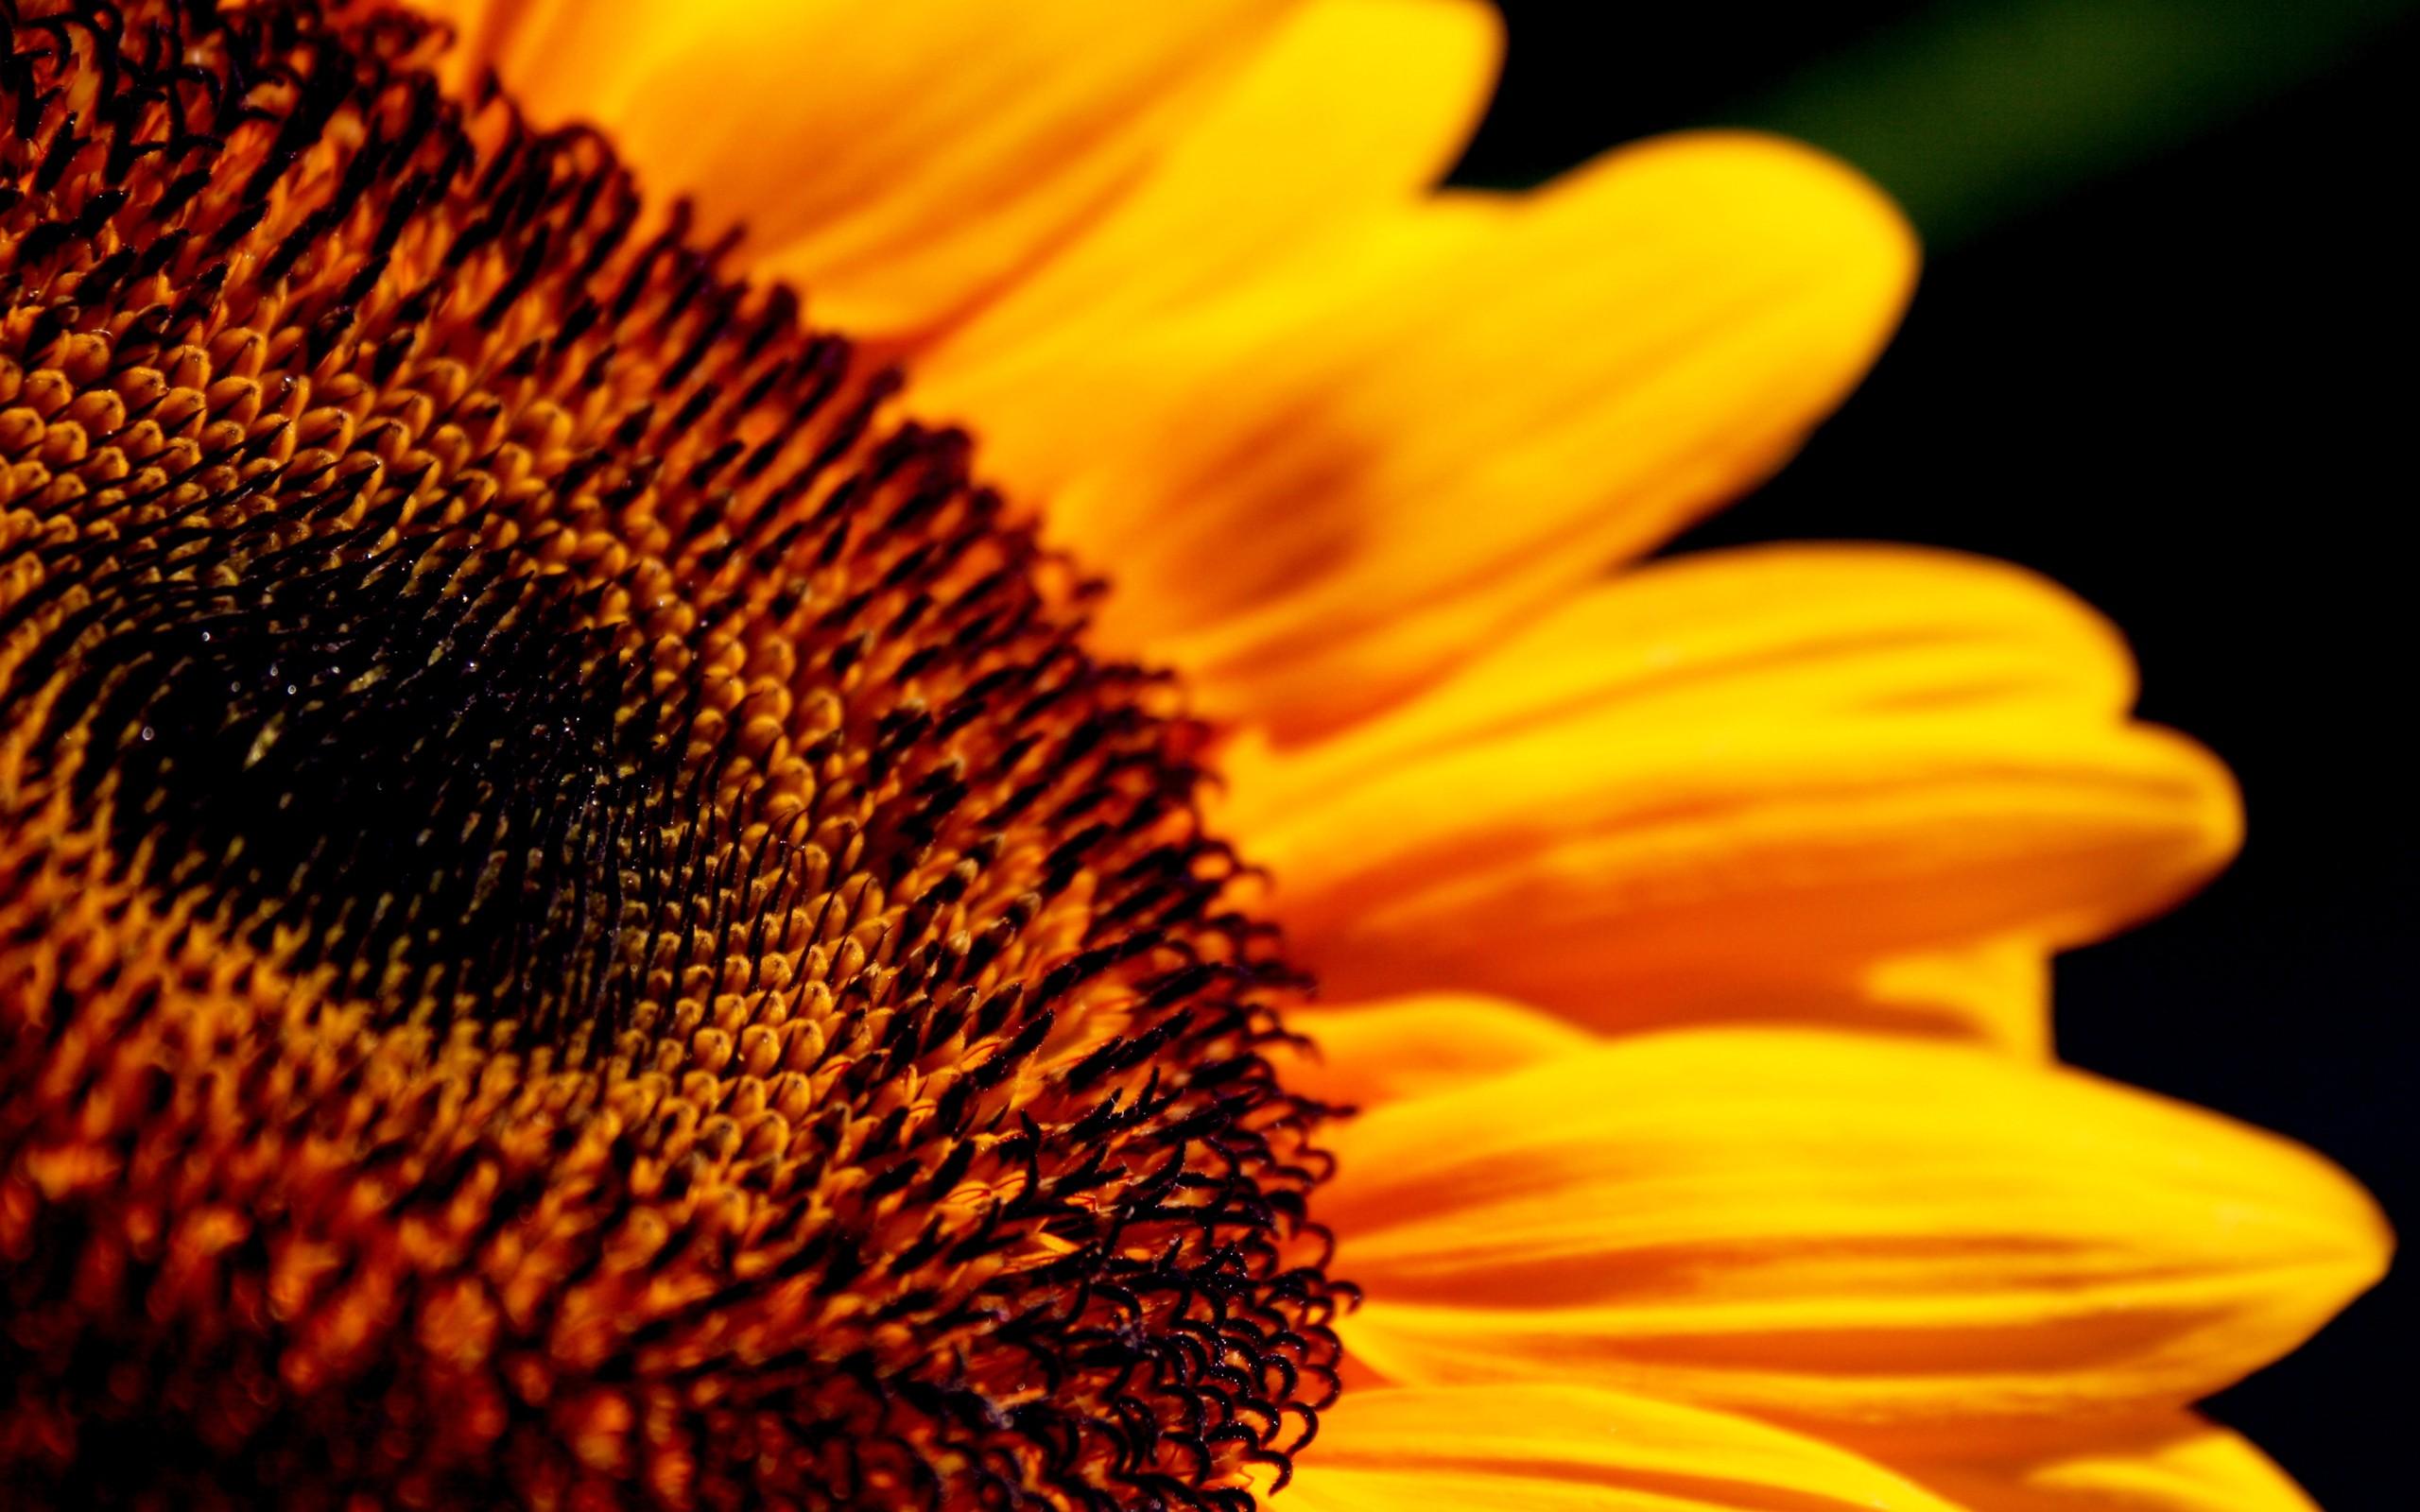 10 Lovely HD Sunflower Wallpapers - HDWallSource.com